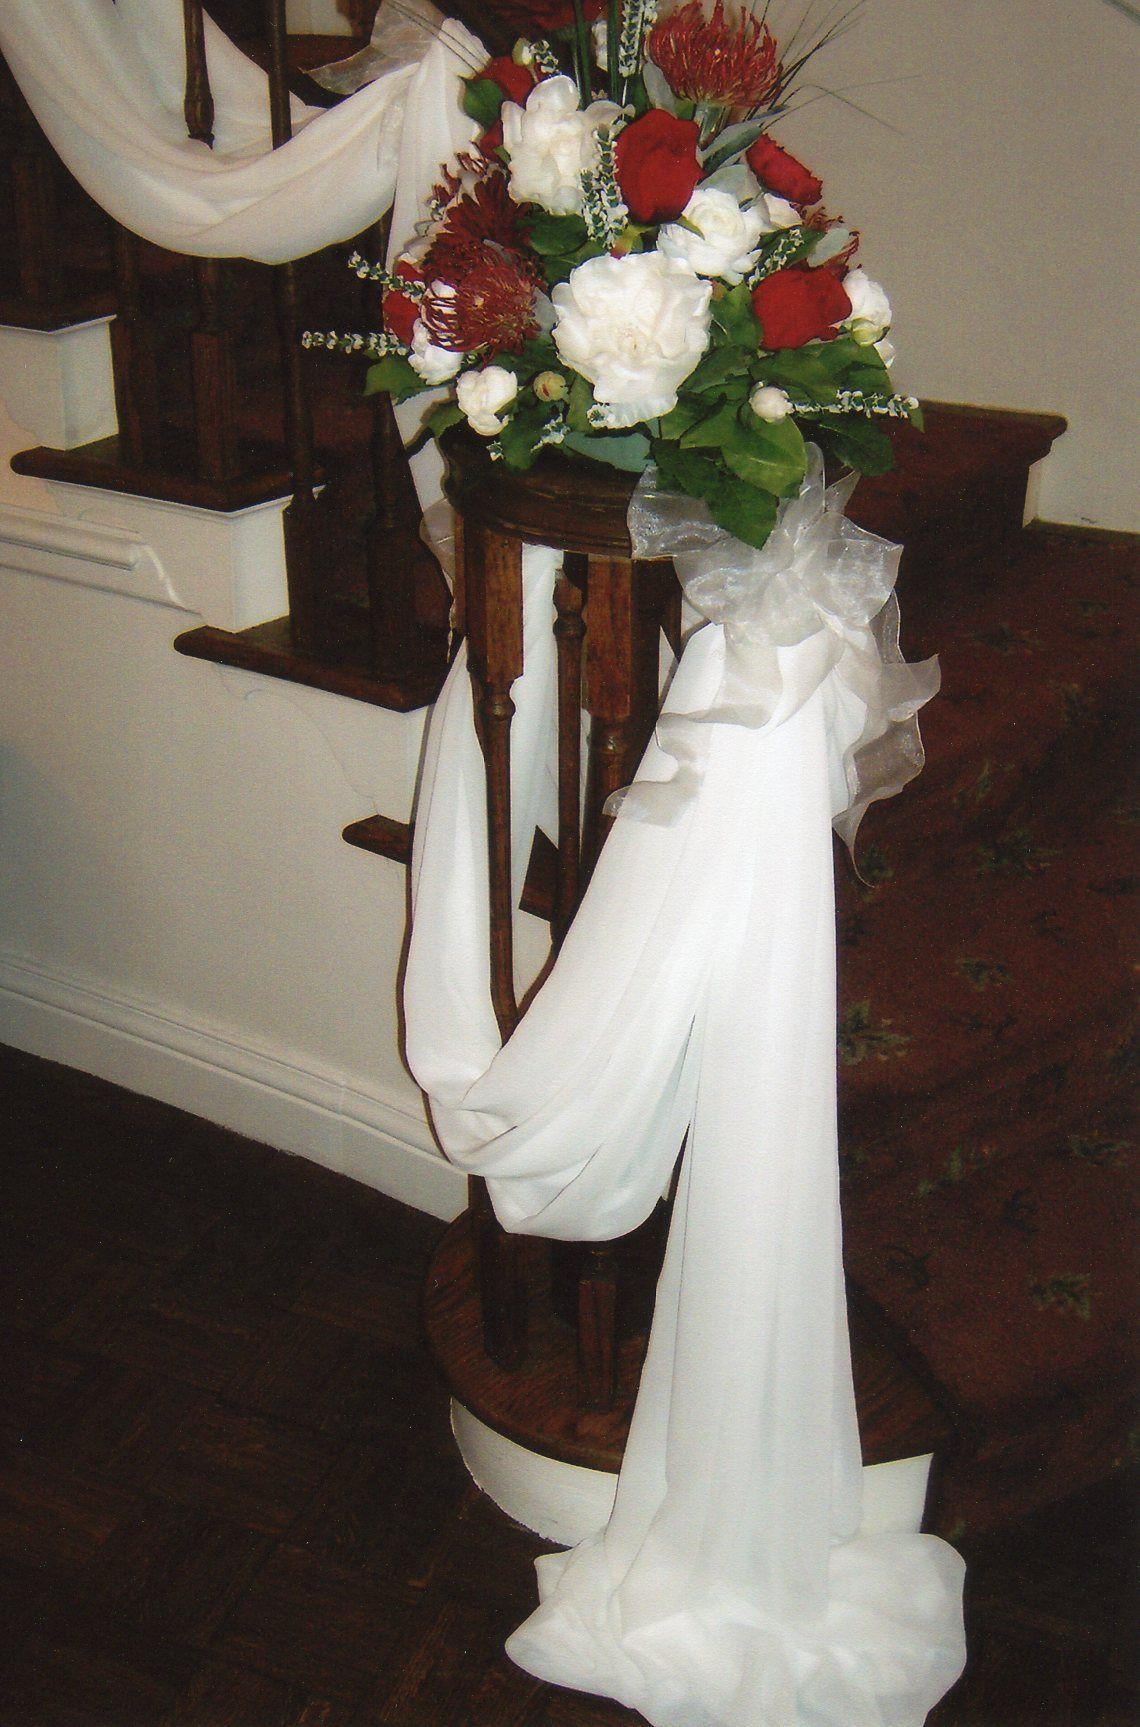 christian tortu vase of wedding banister weddings pinterest banisters and weddings in wedding banister